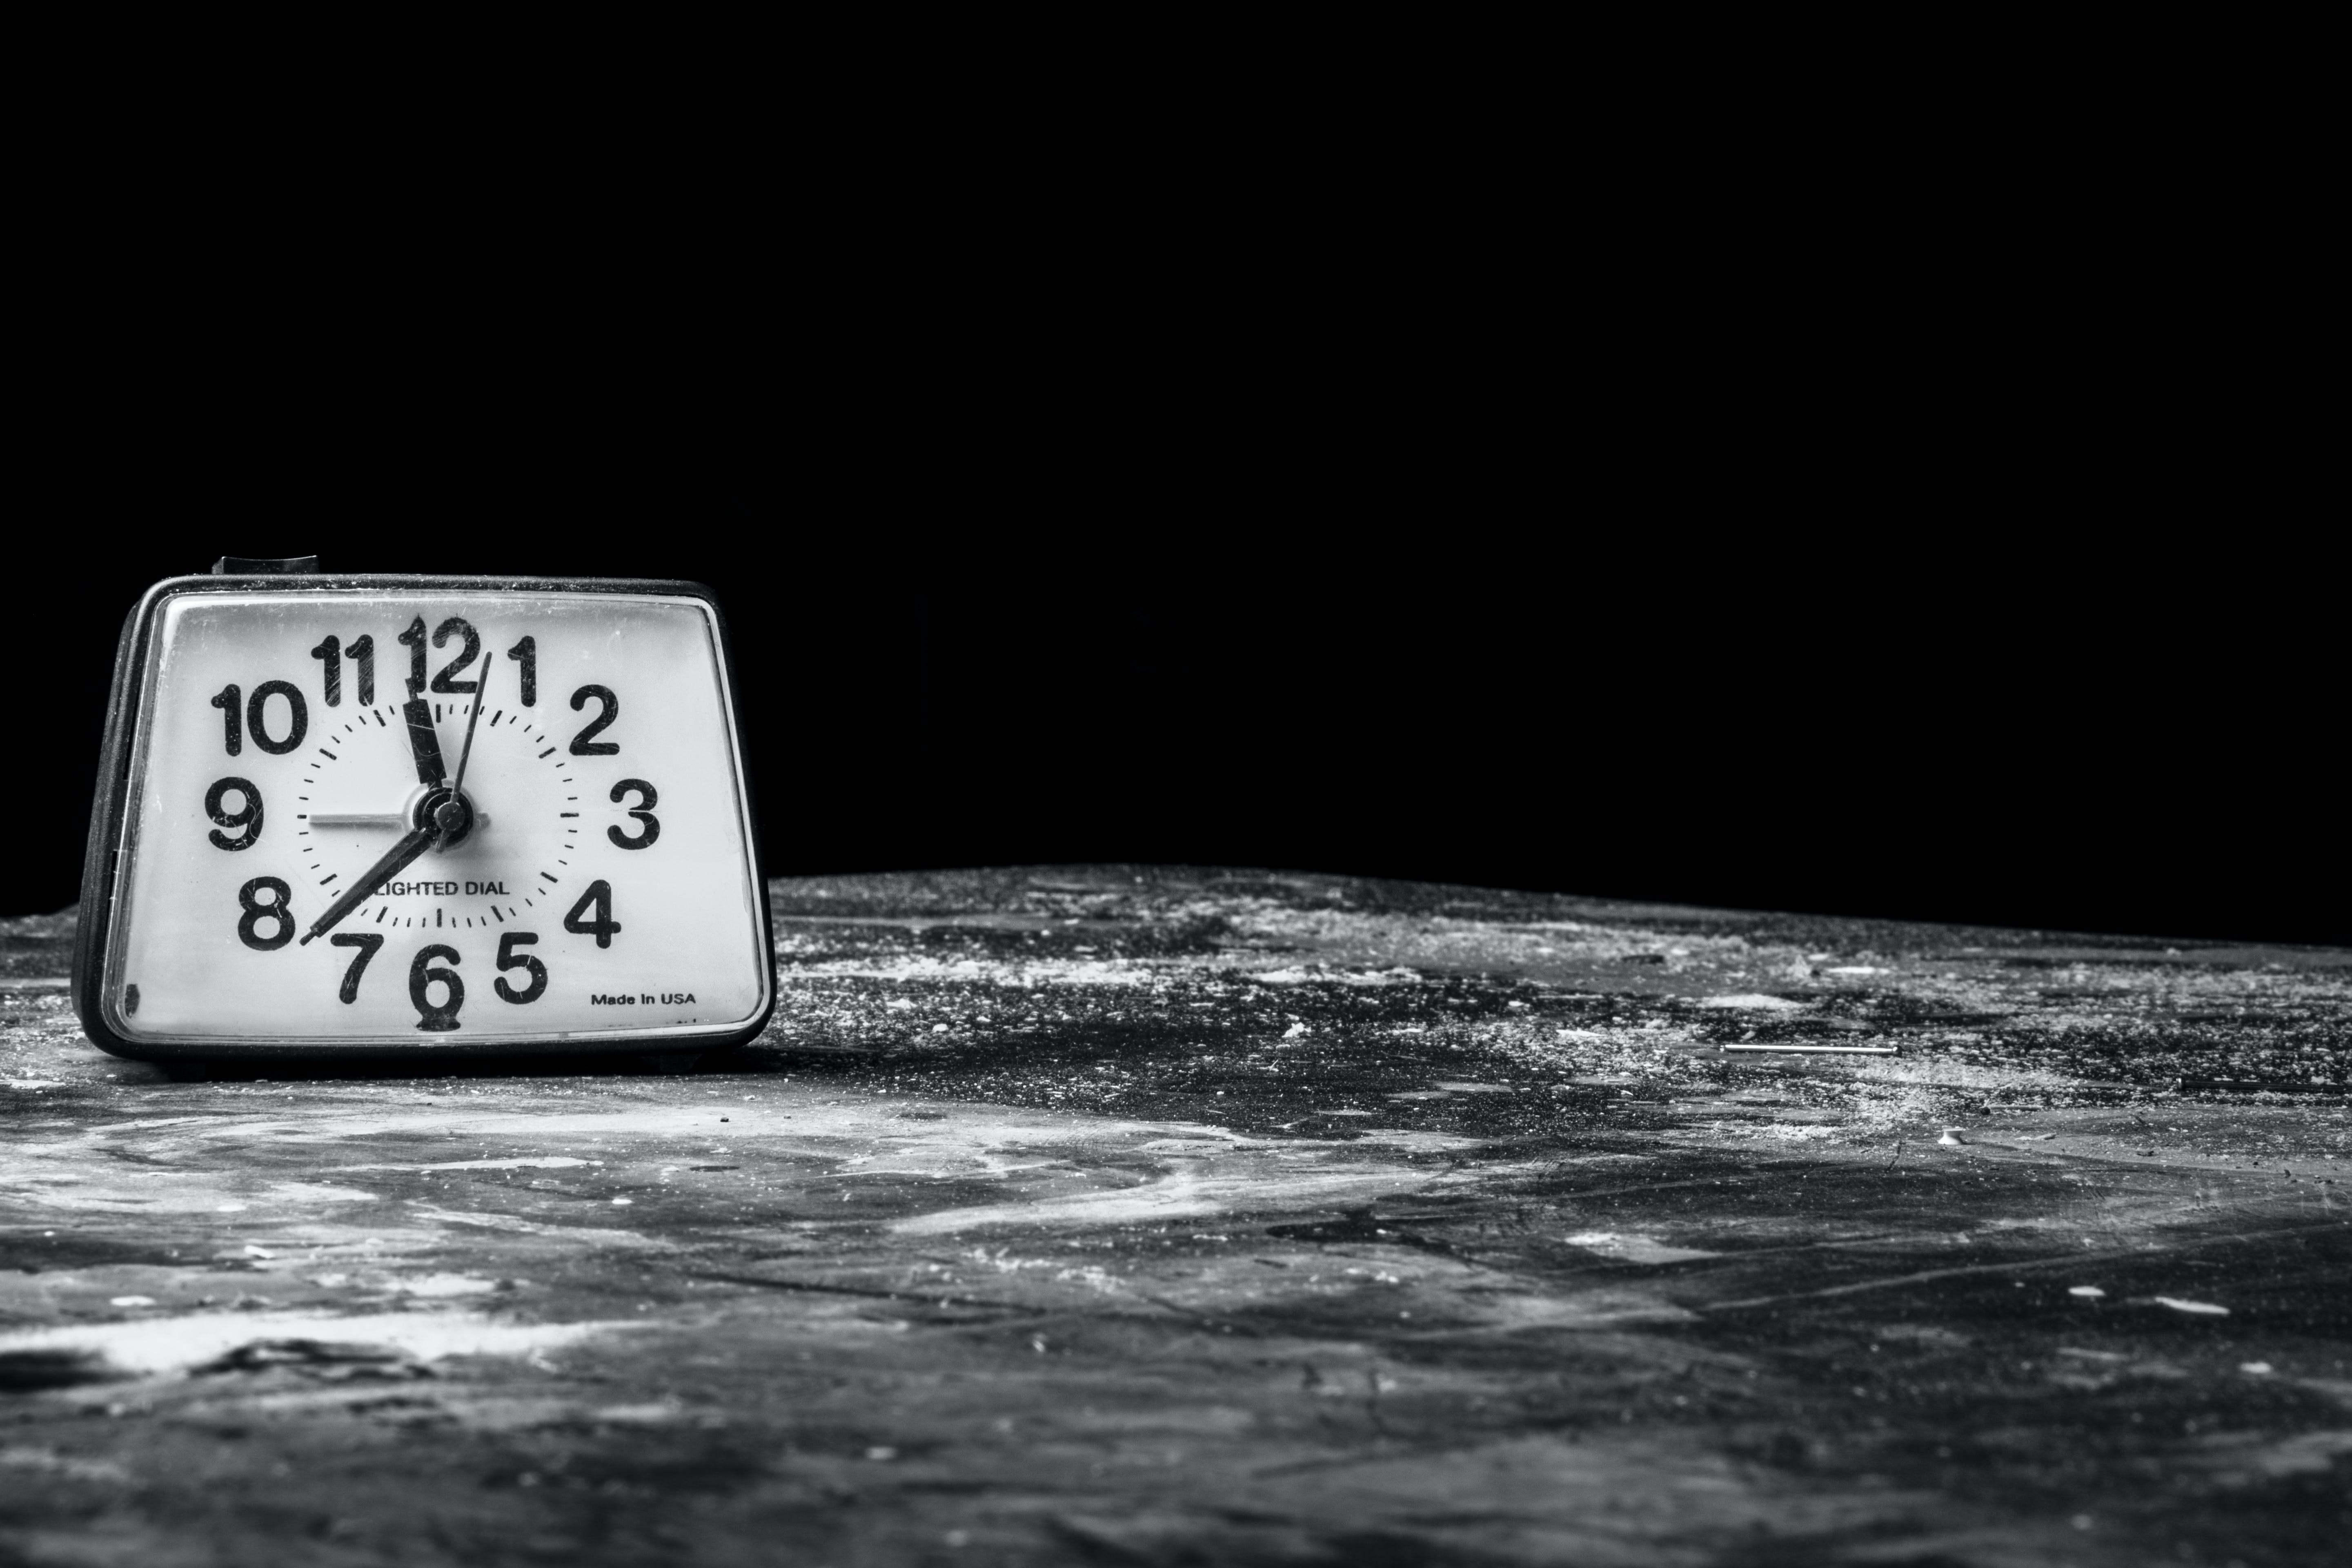 Clock at 11:35